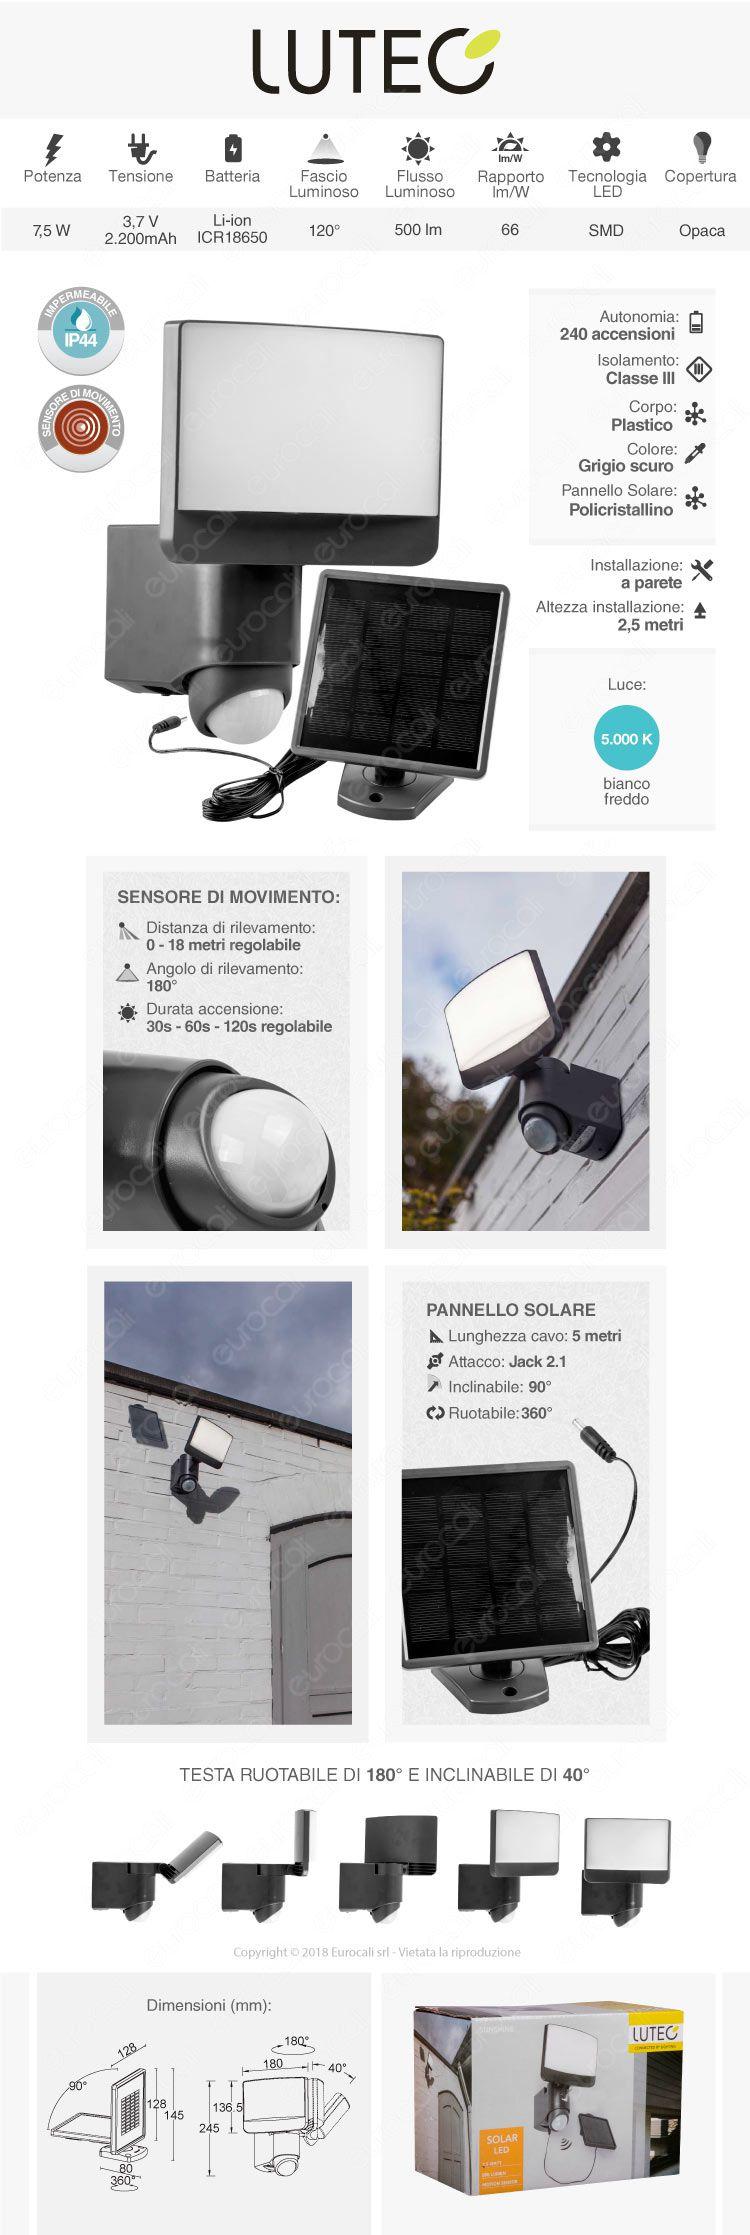 faretto LED lutec a carica solare